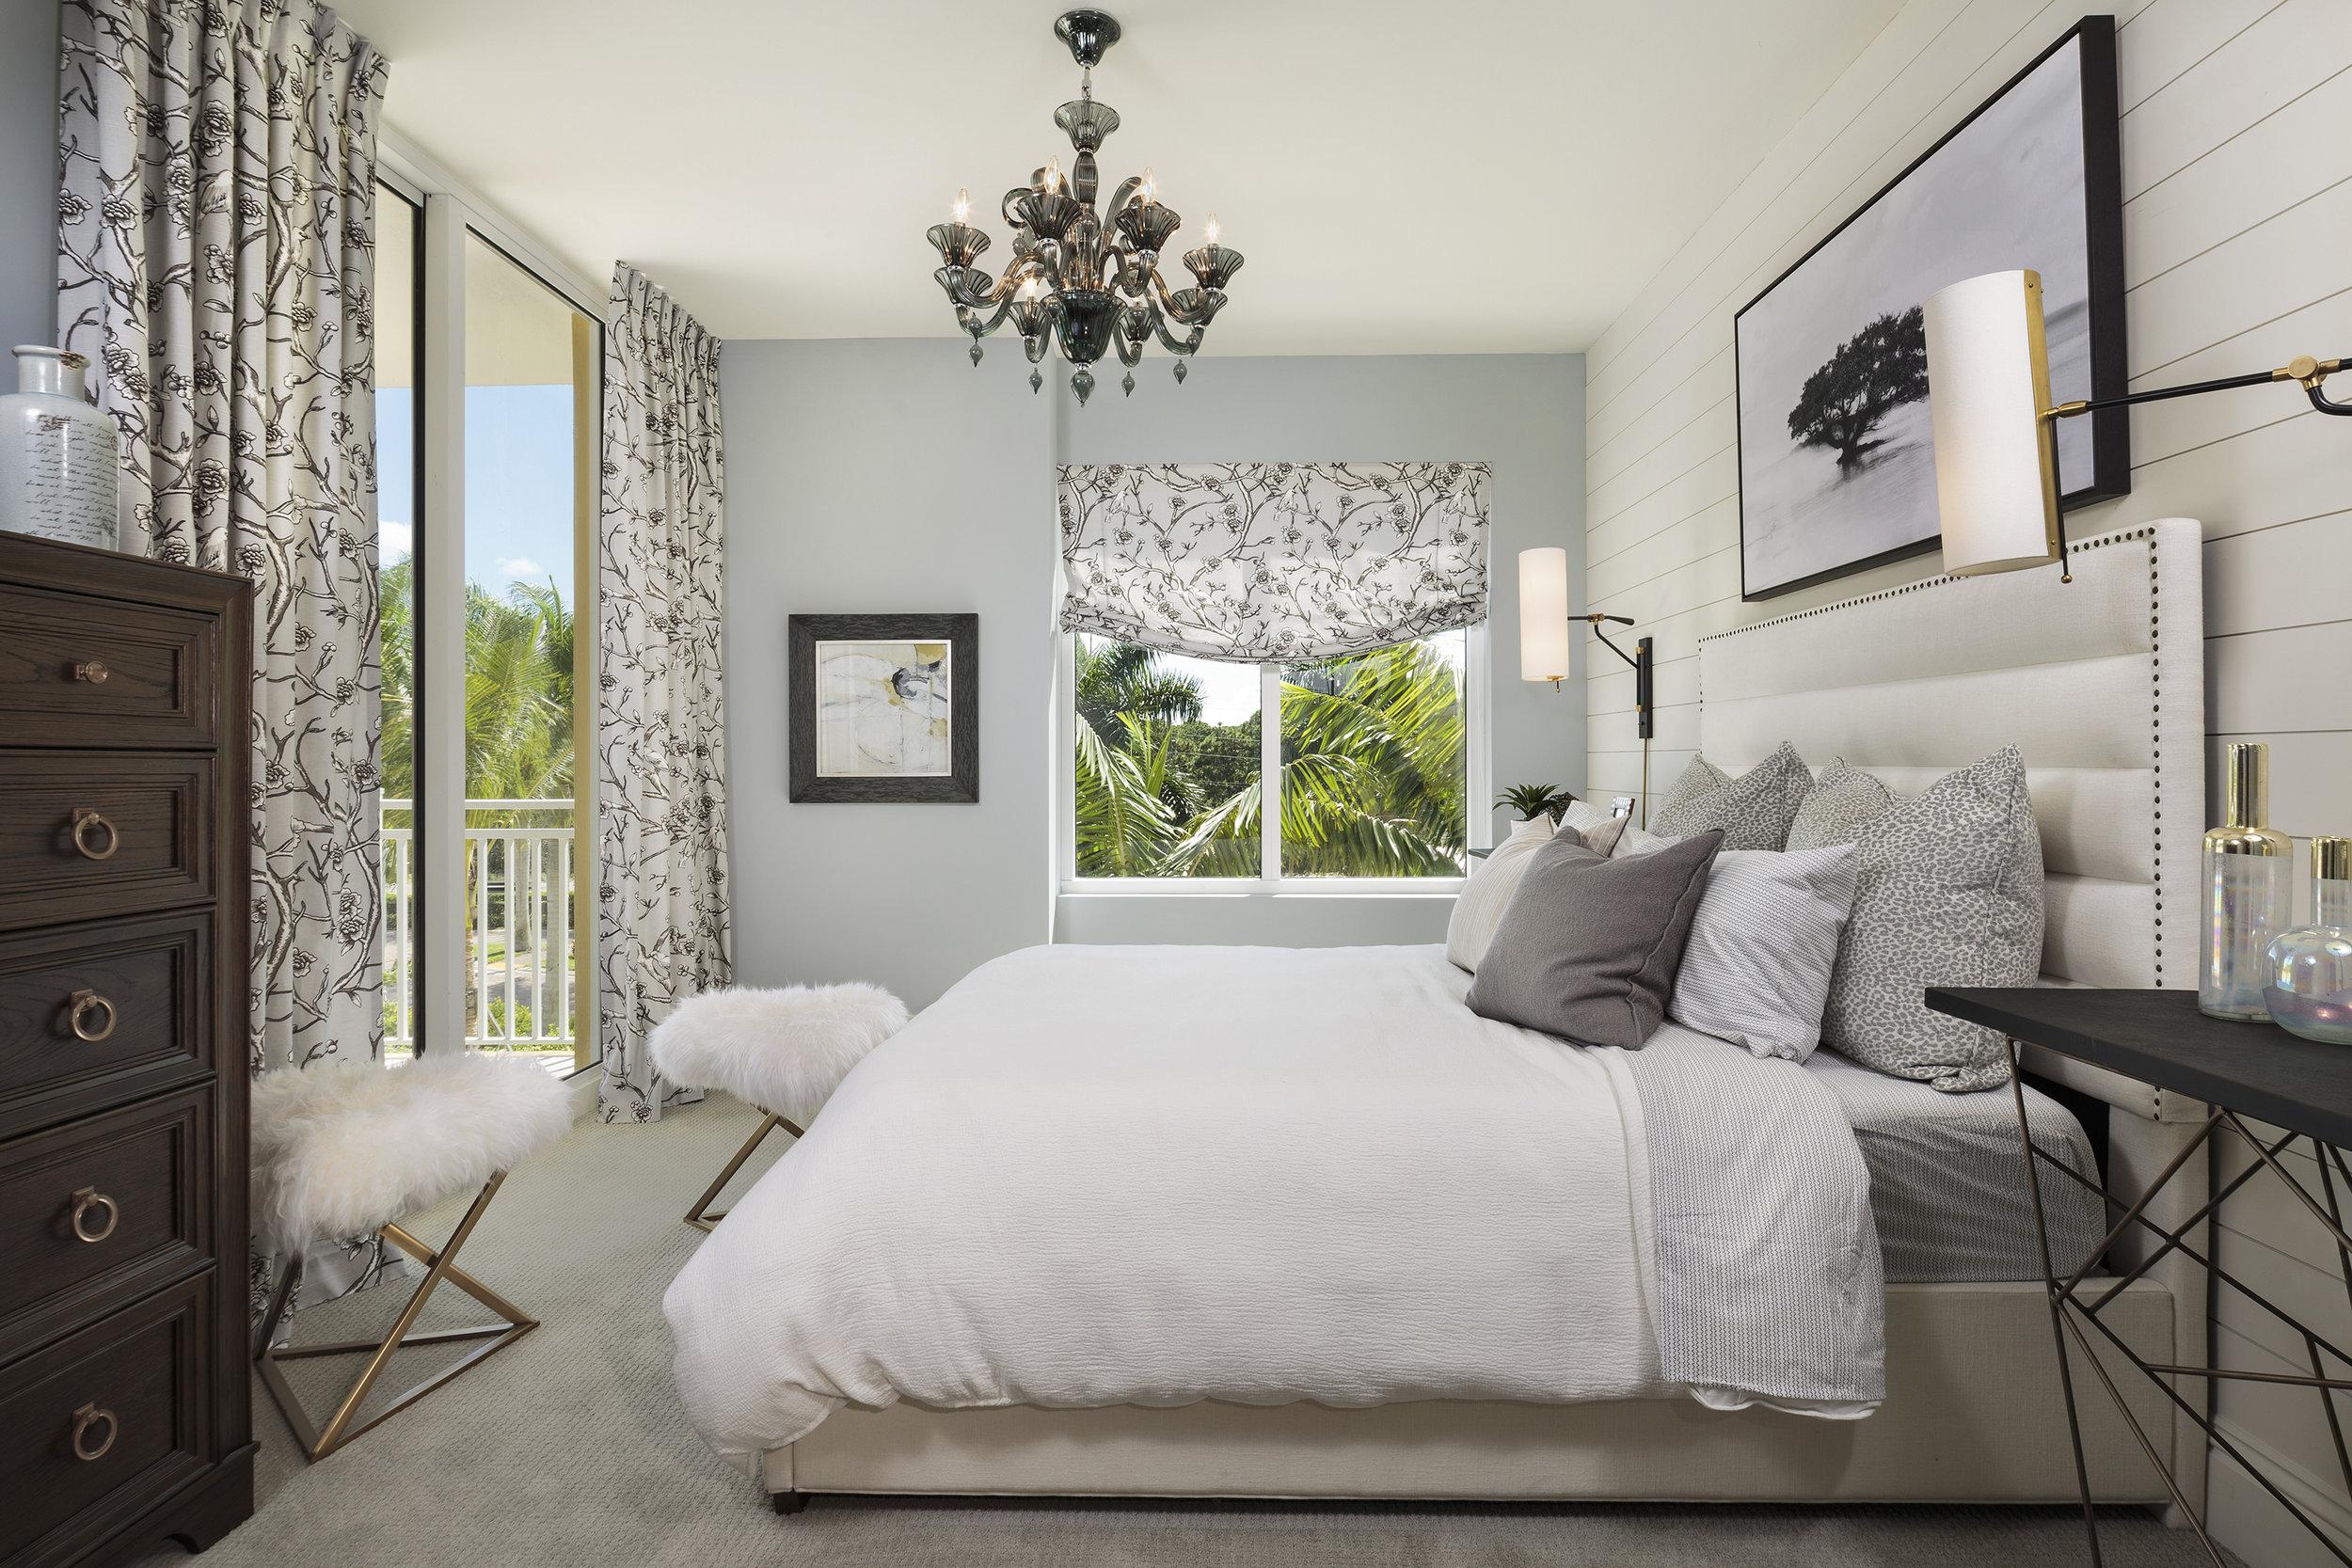 Bedroom AQUA at Pelican Bay Condo 304 Design In Naples By Beasley & Henley Interior Design.jpg